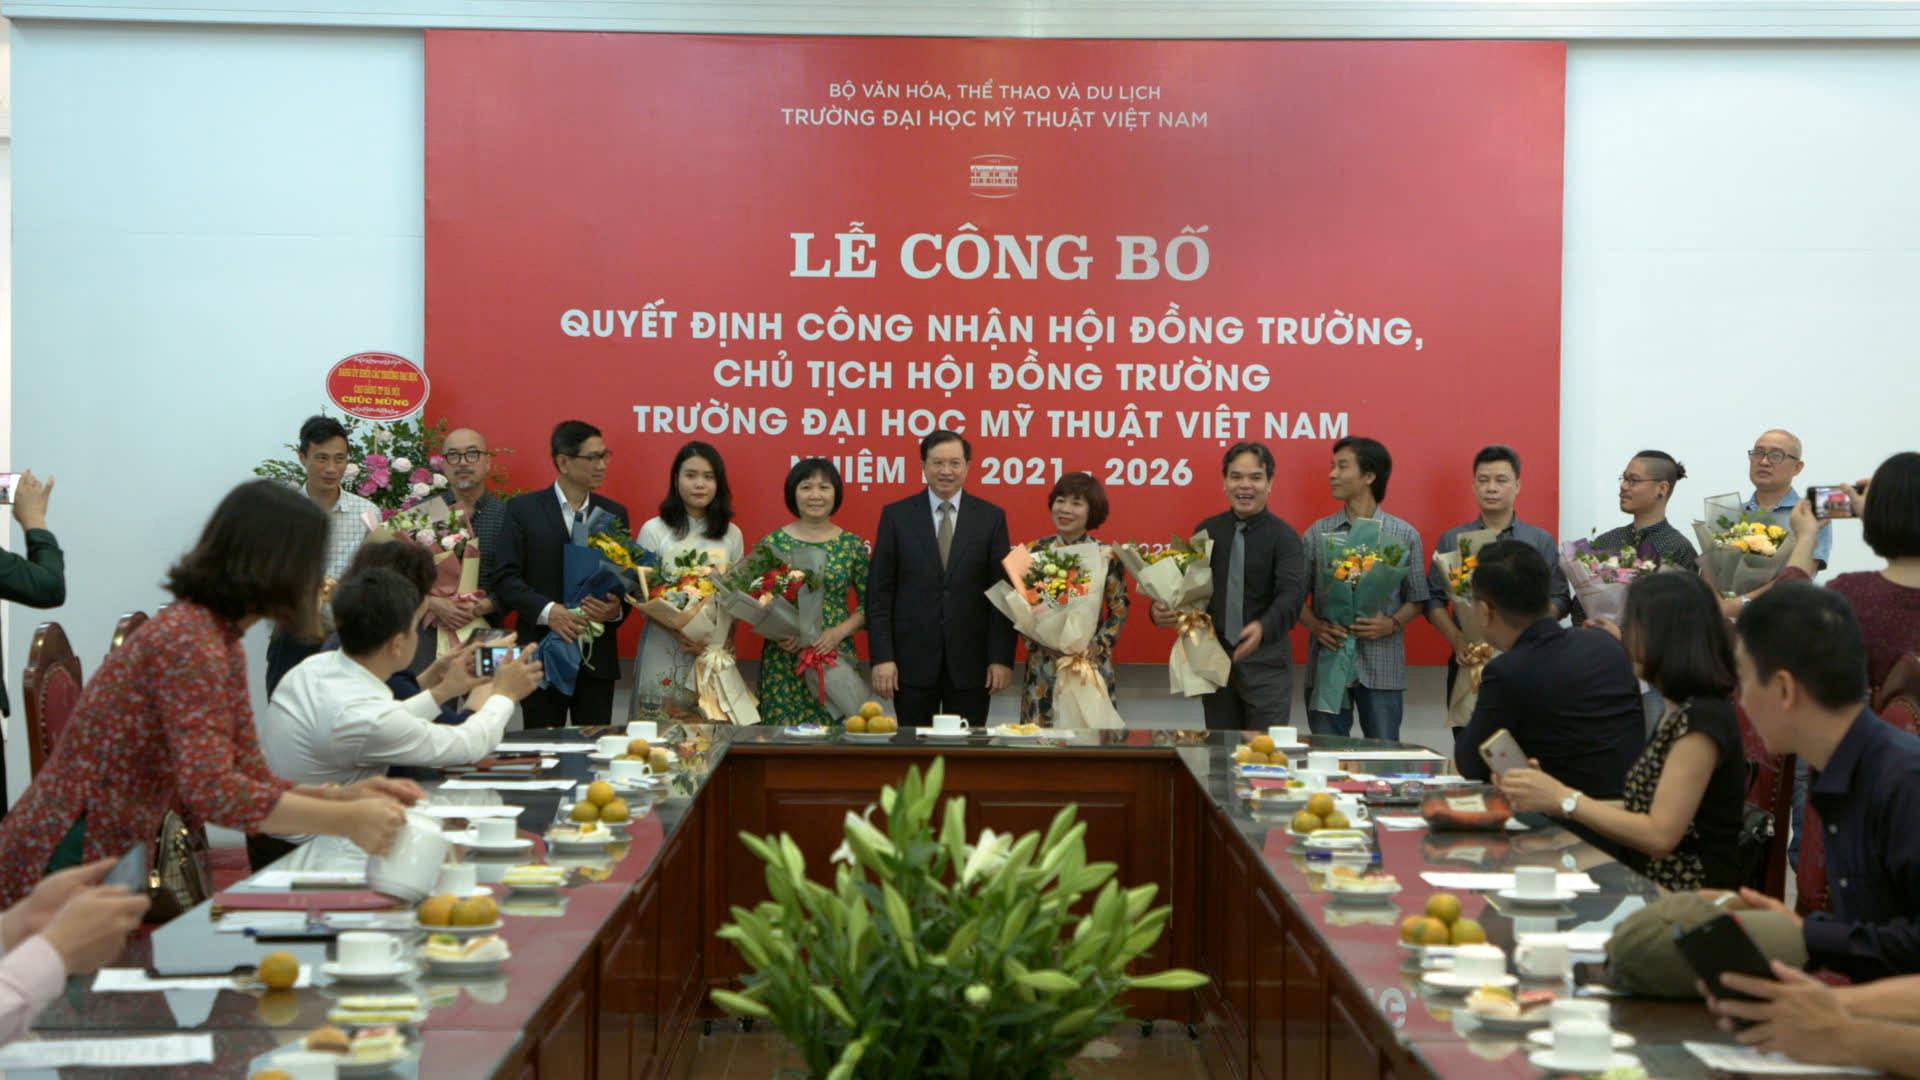 Công bố Quyết định công nhận Hội đồng trường Đại học Mỹ thuật Việt Nam nhiệm kỳ 2021 – 2026 - Ảnh 3.